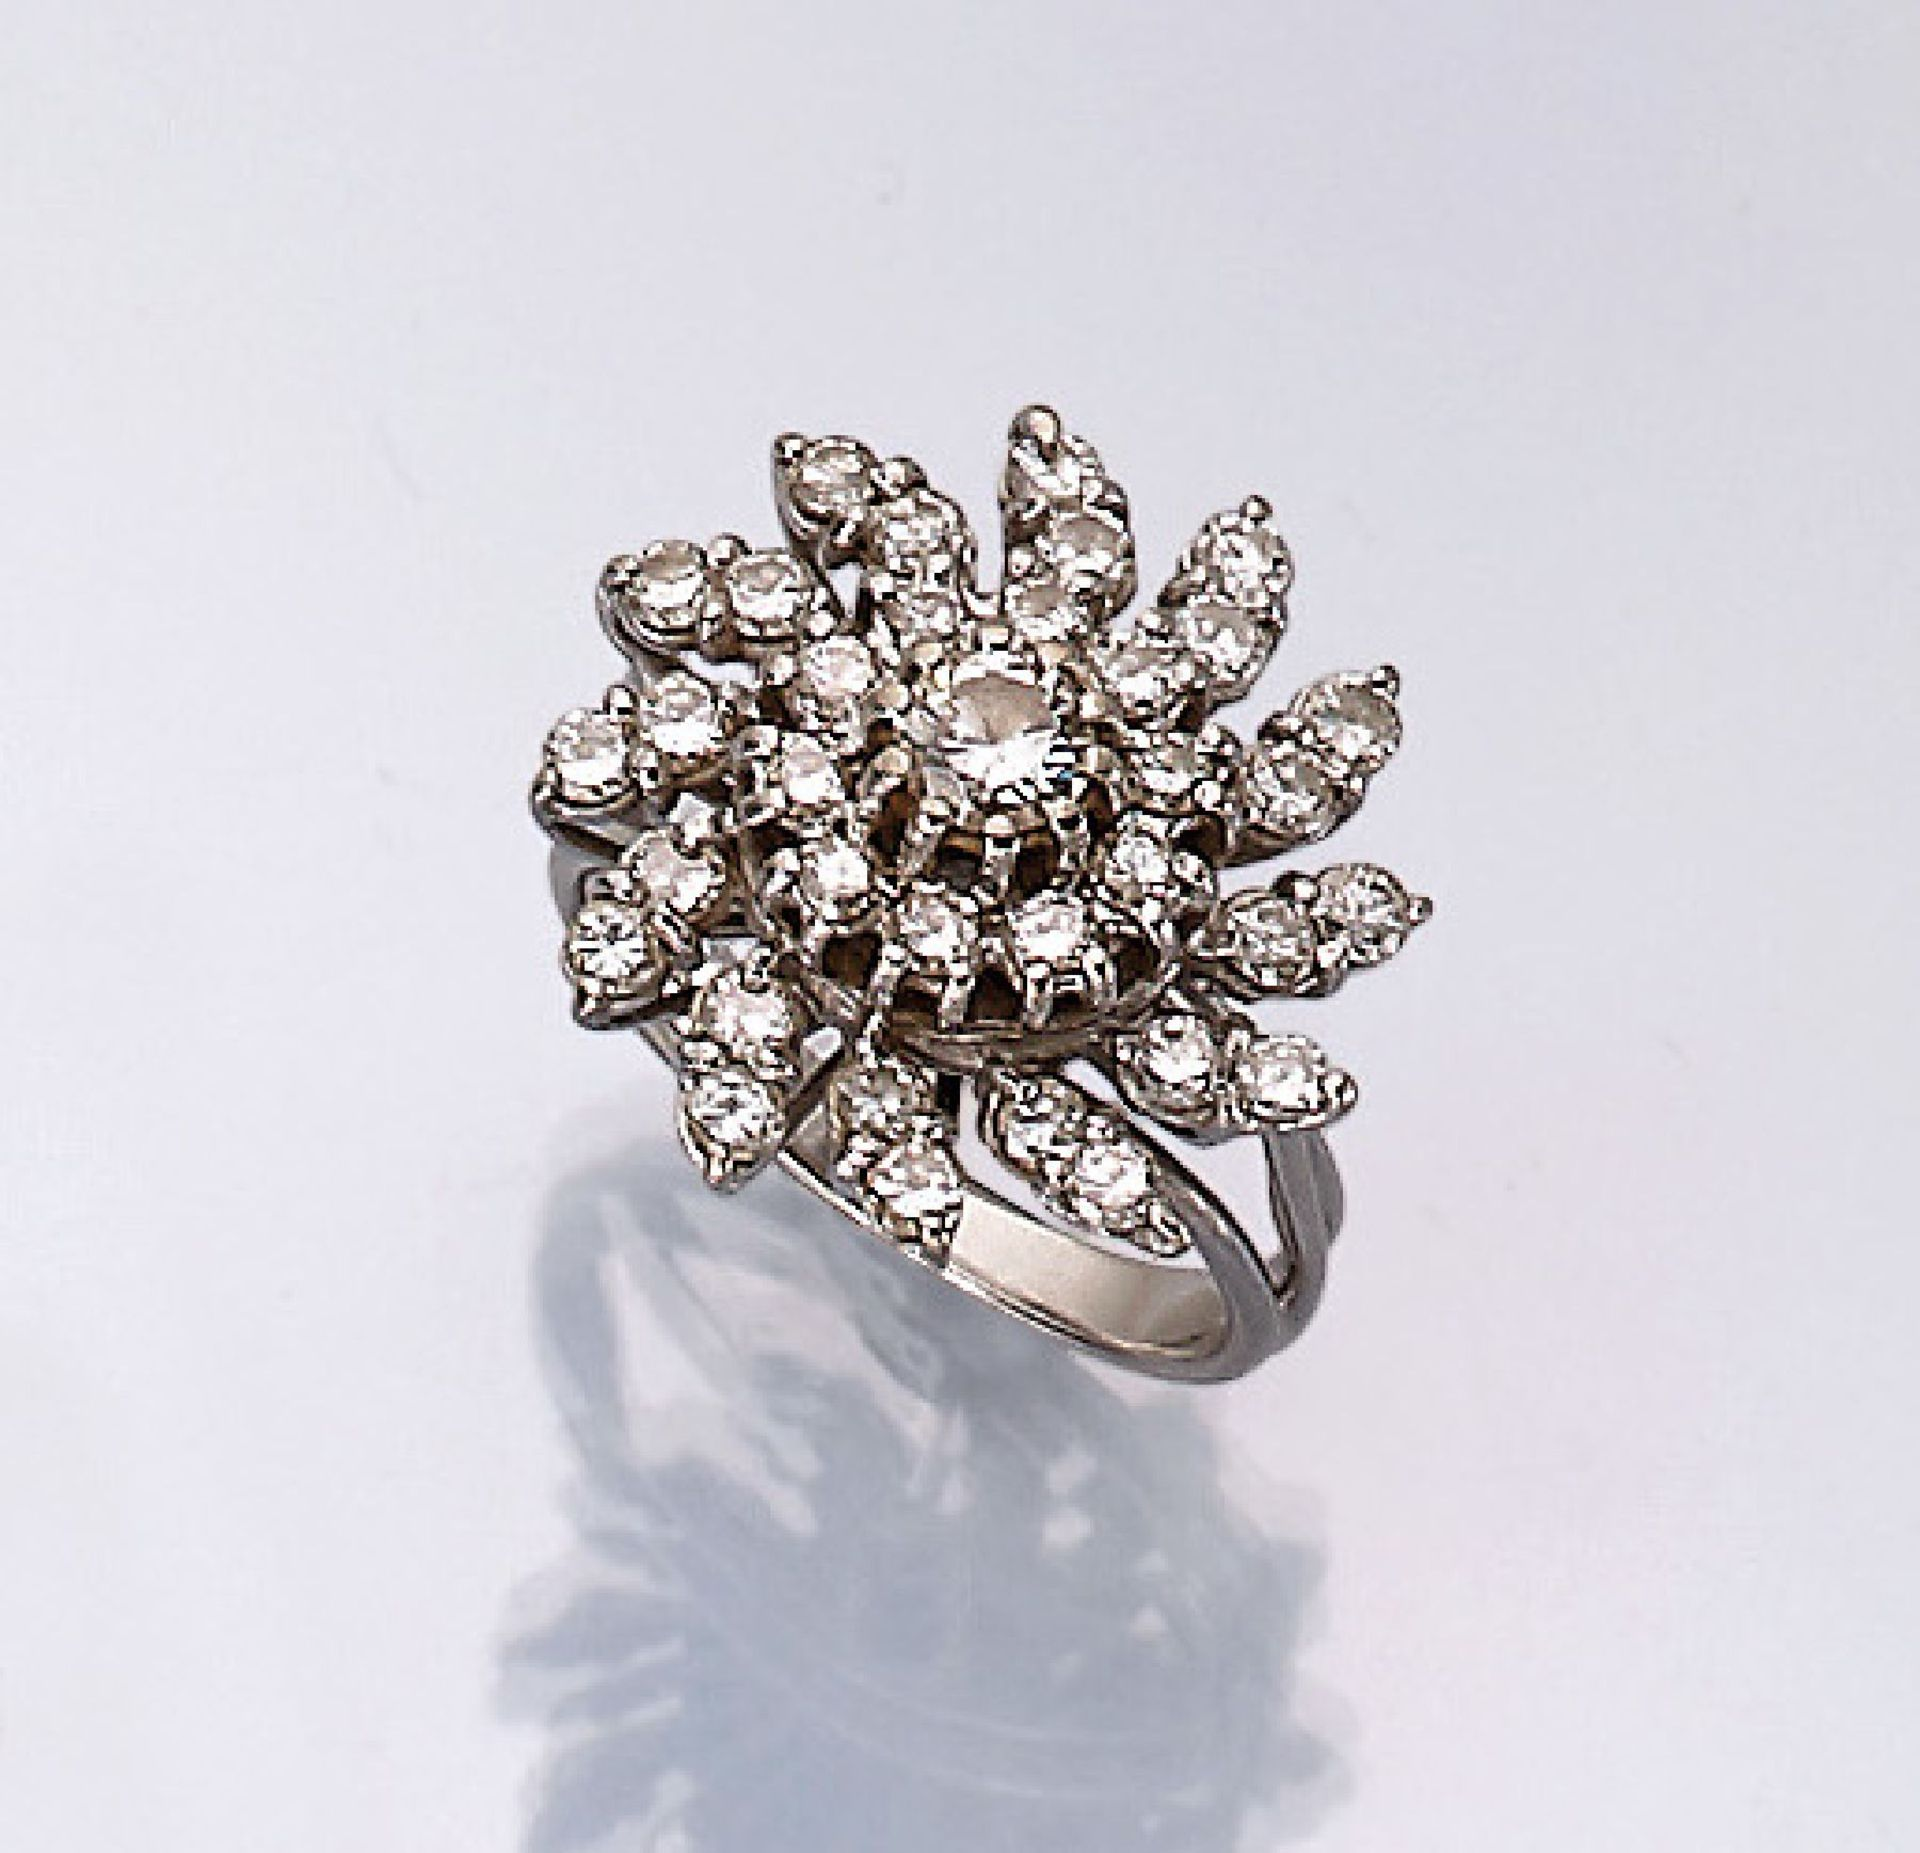 18 kt Gold Ring mit Brillanten, WG 750/000,33 Brillanten zus. ca. 2.10 ct Weiß/vs, total ca. 8.2